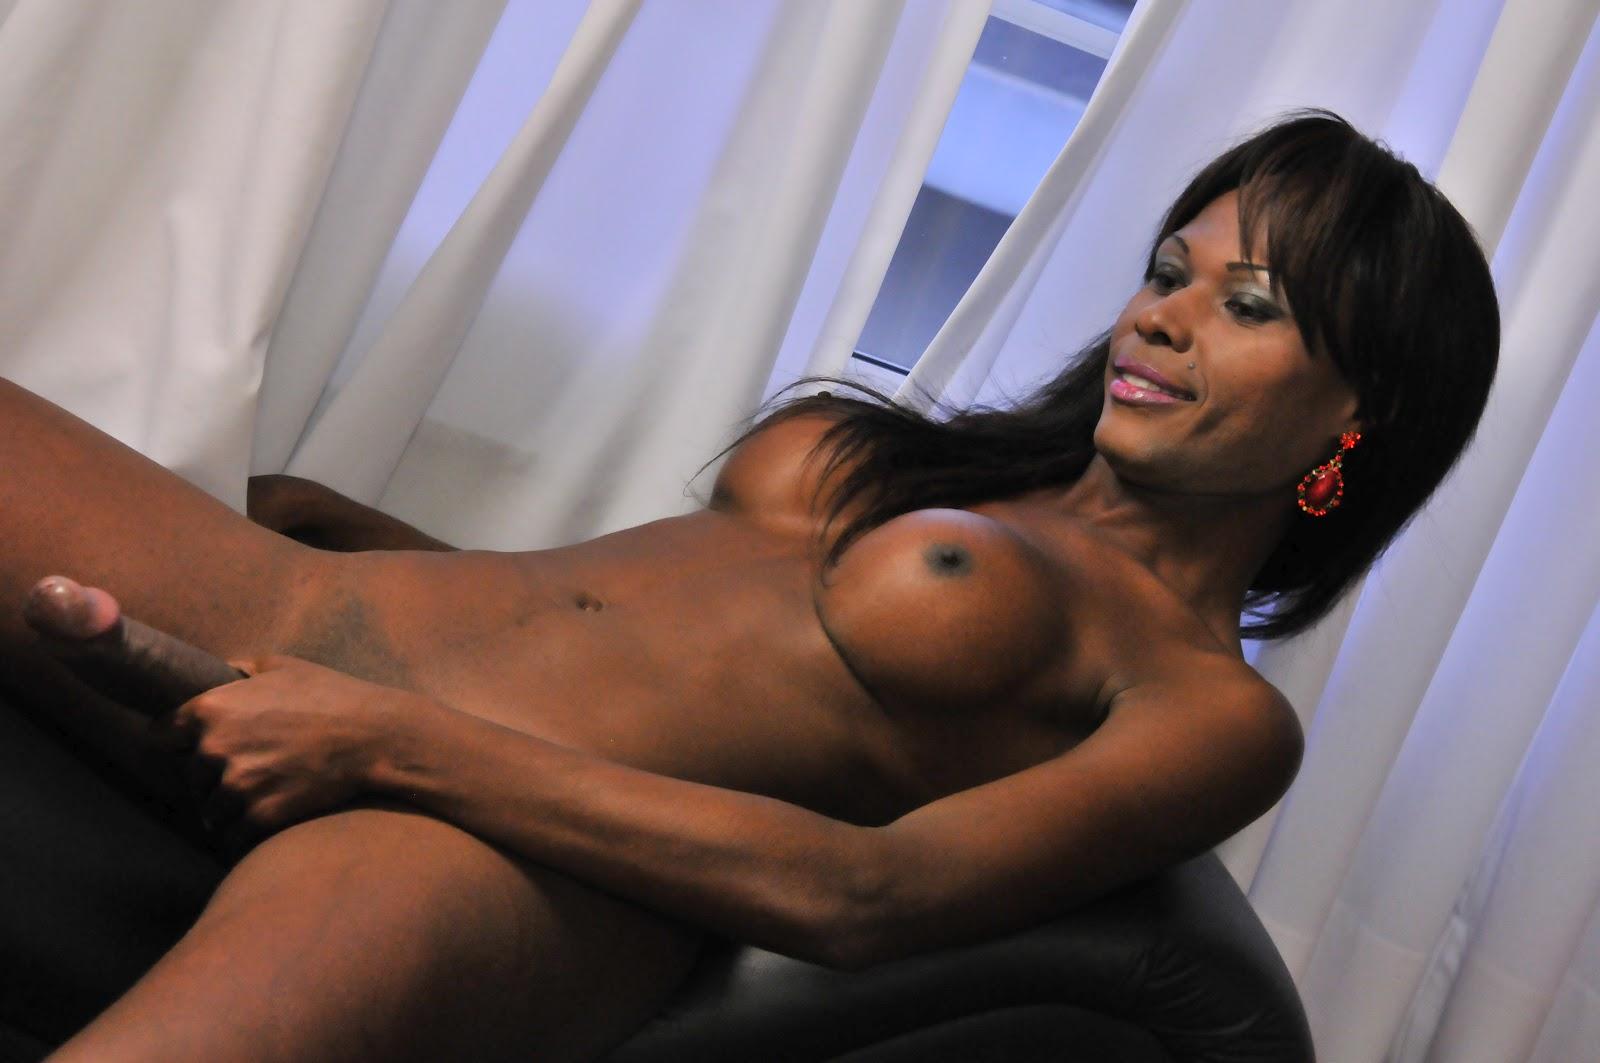 site de sexo travestis em portugal